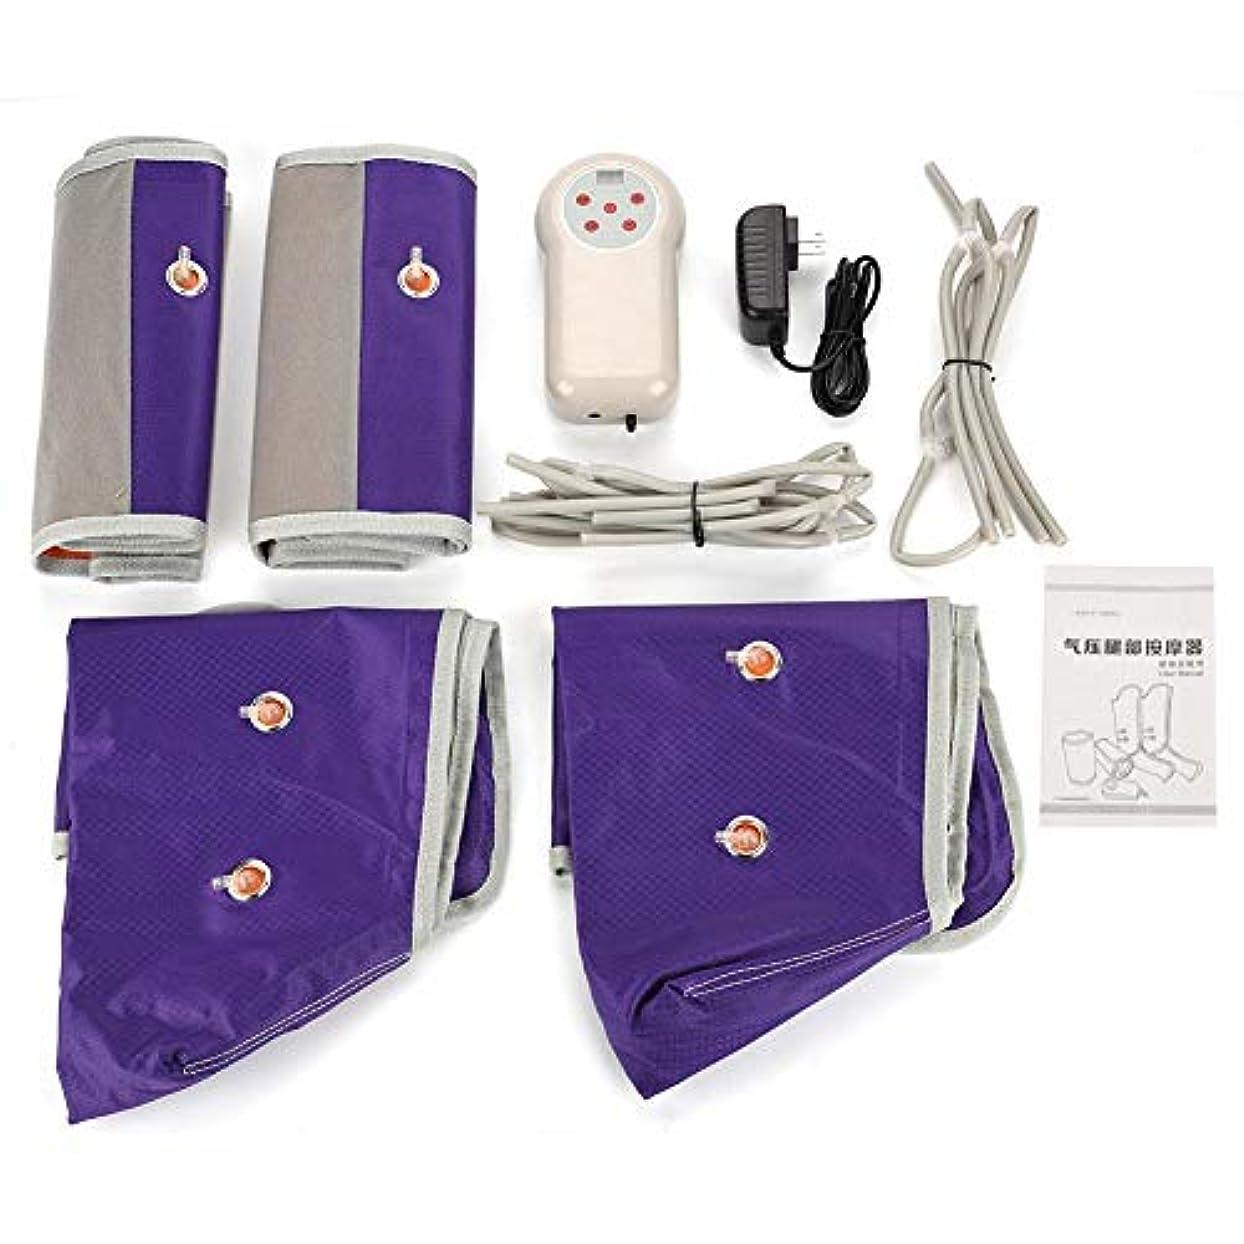 苦い着服裏切り者Semme Air Compression電動レッグマッサージャー、2つのモード9つのハンドヘルドコントローラー付きのマッサージでリラックスして腕、足、ふくらはぎをリラックス(紫色)